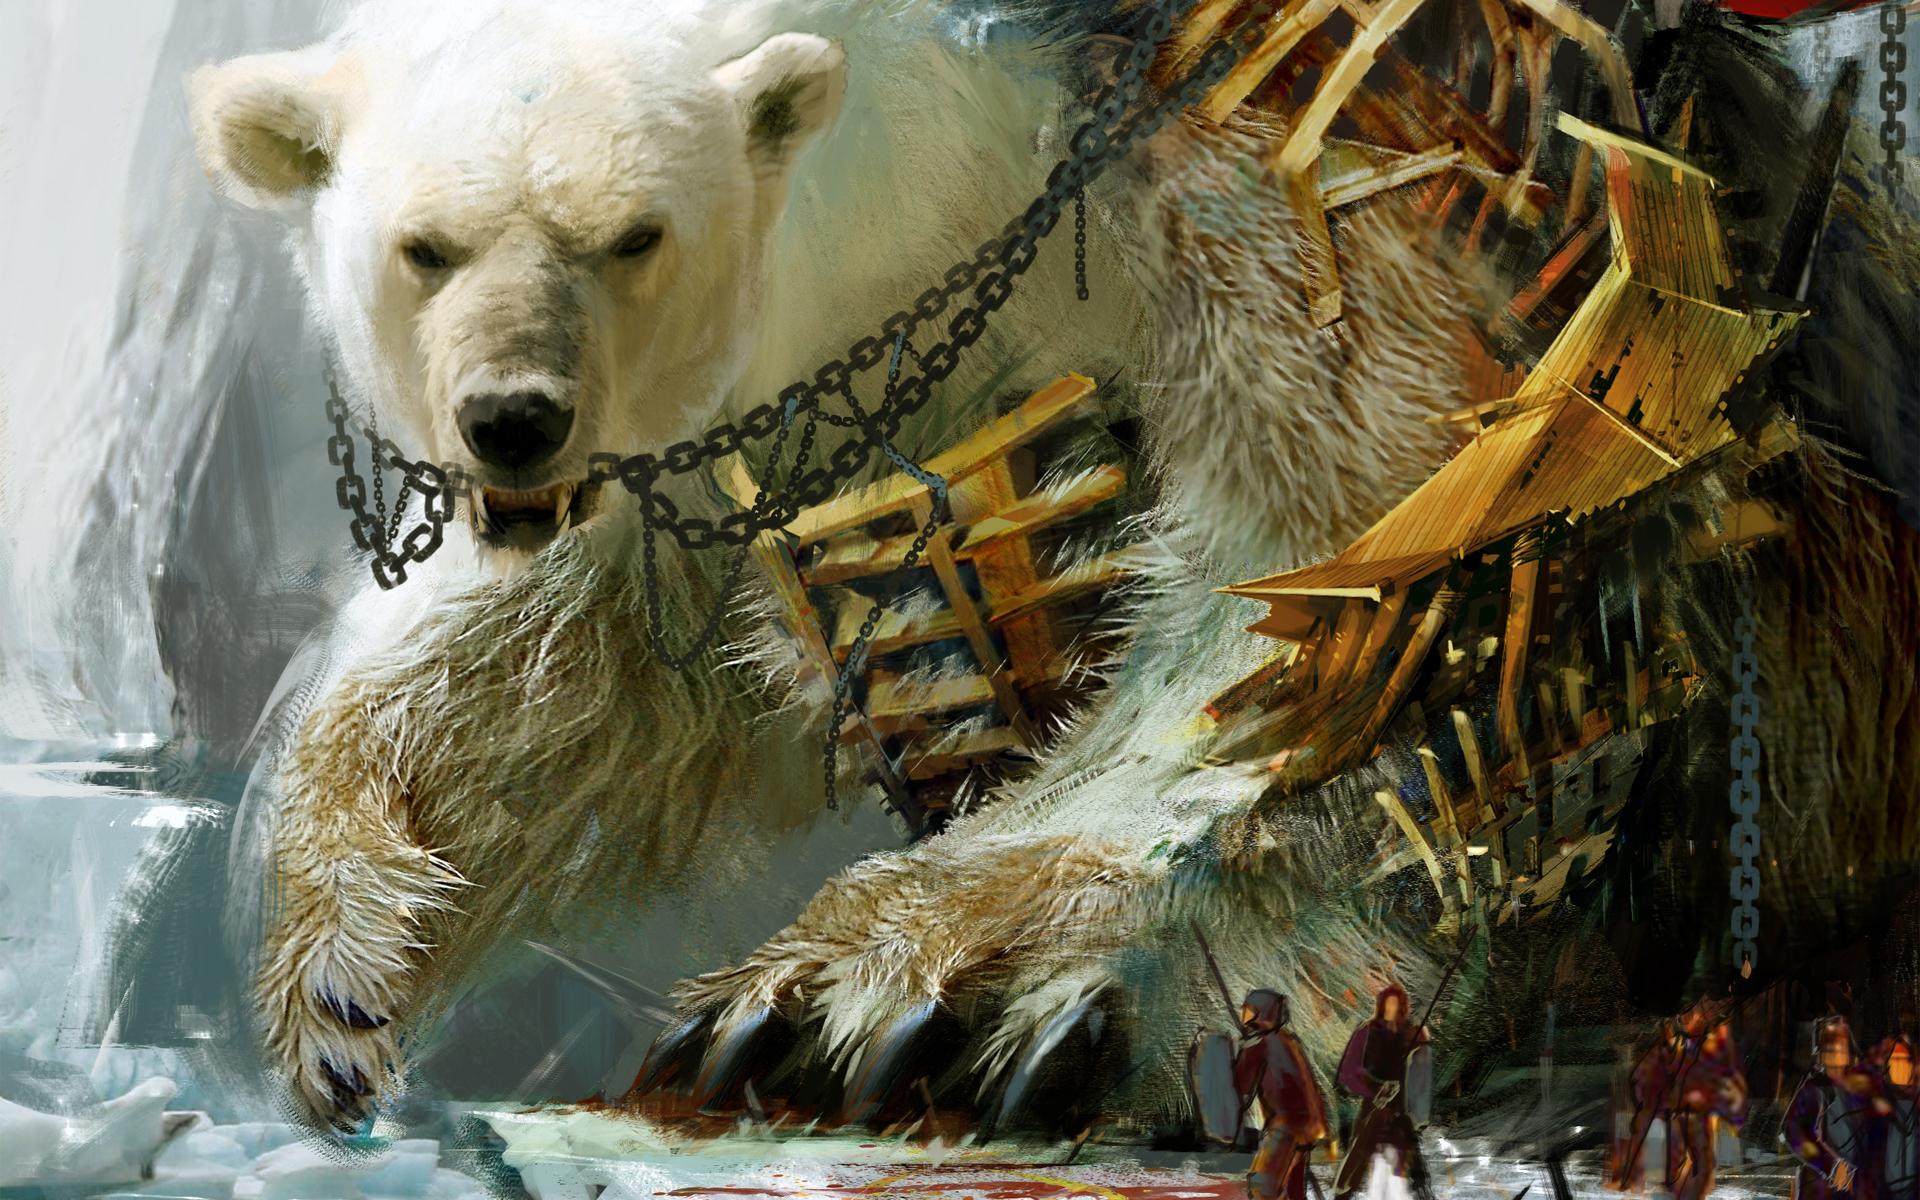 обои для рабочего стола россия медведь для рабочего стола № 206567 бесплатно